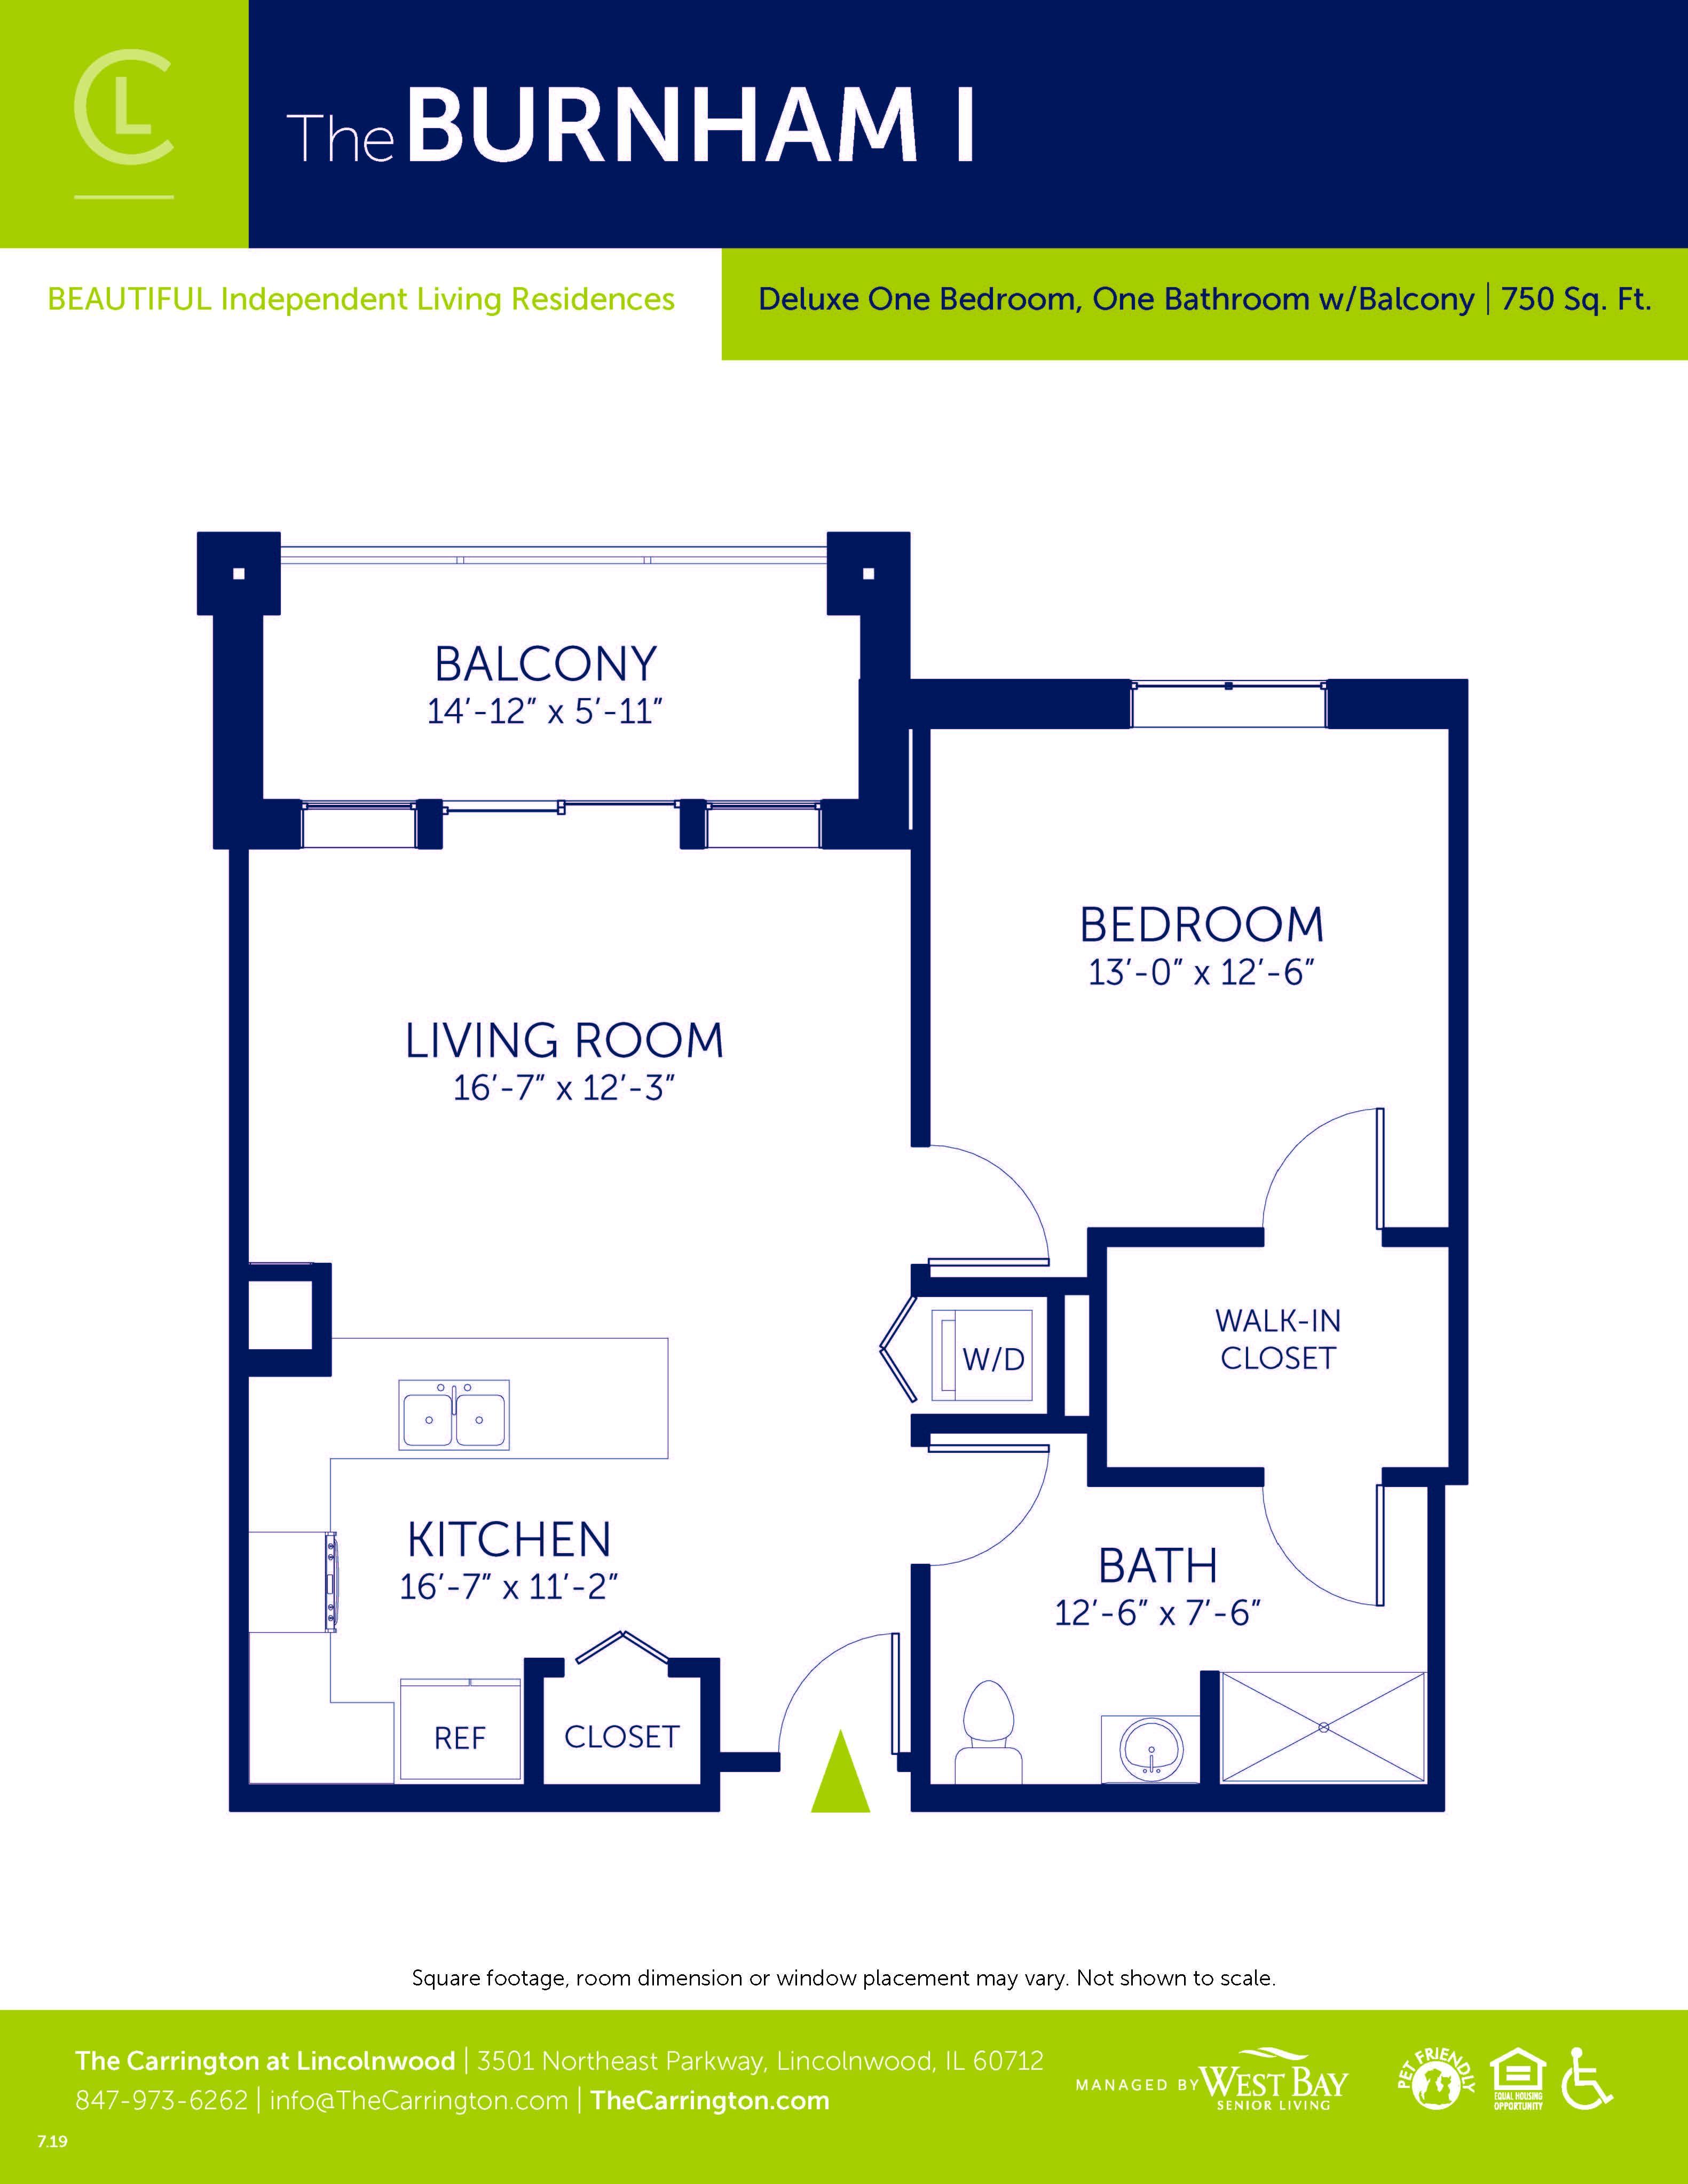 Burnham I - Deluxe Two Bedroom